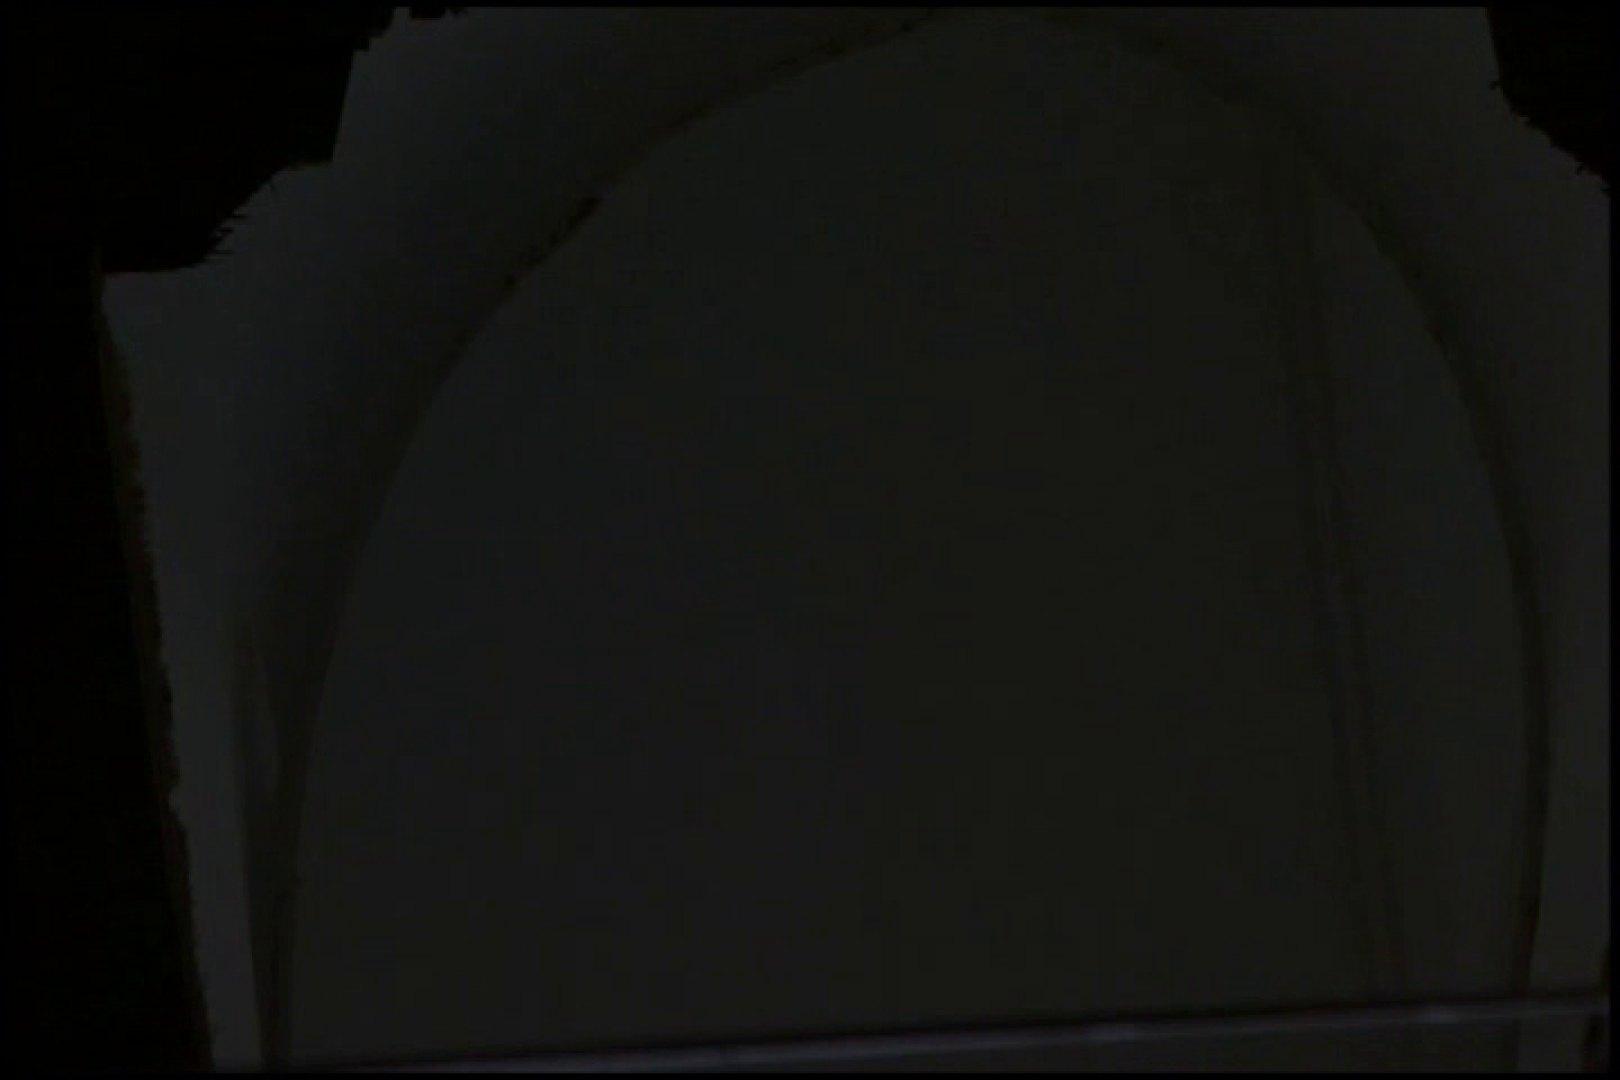 和式にまたがる女たちを待ちうけるカメラの衝撃映像vol.02 厠 ぱこり動画紹介 96枚 87